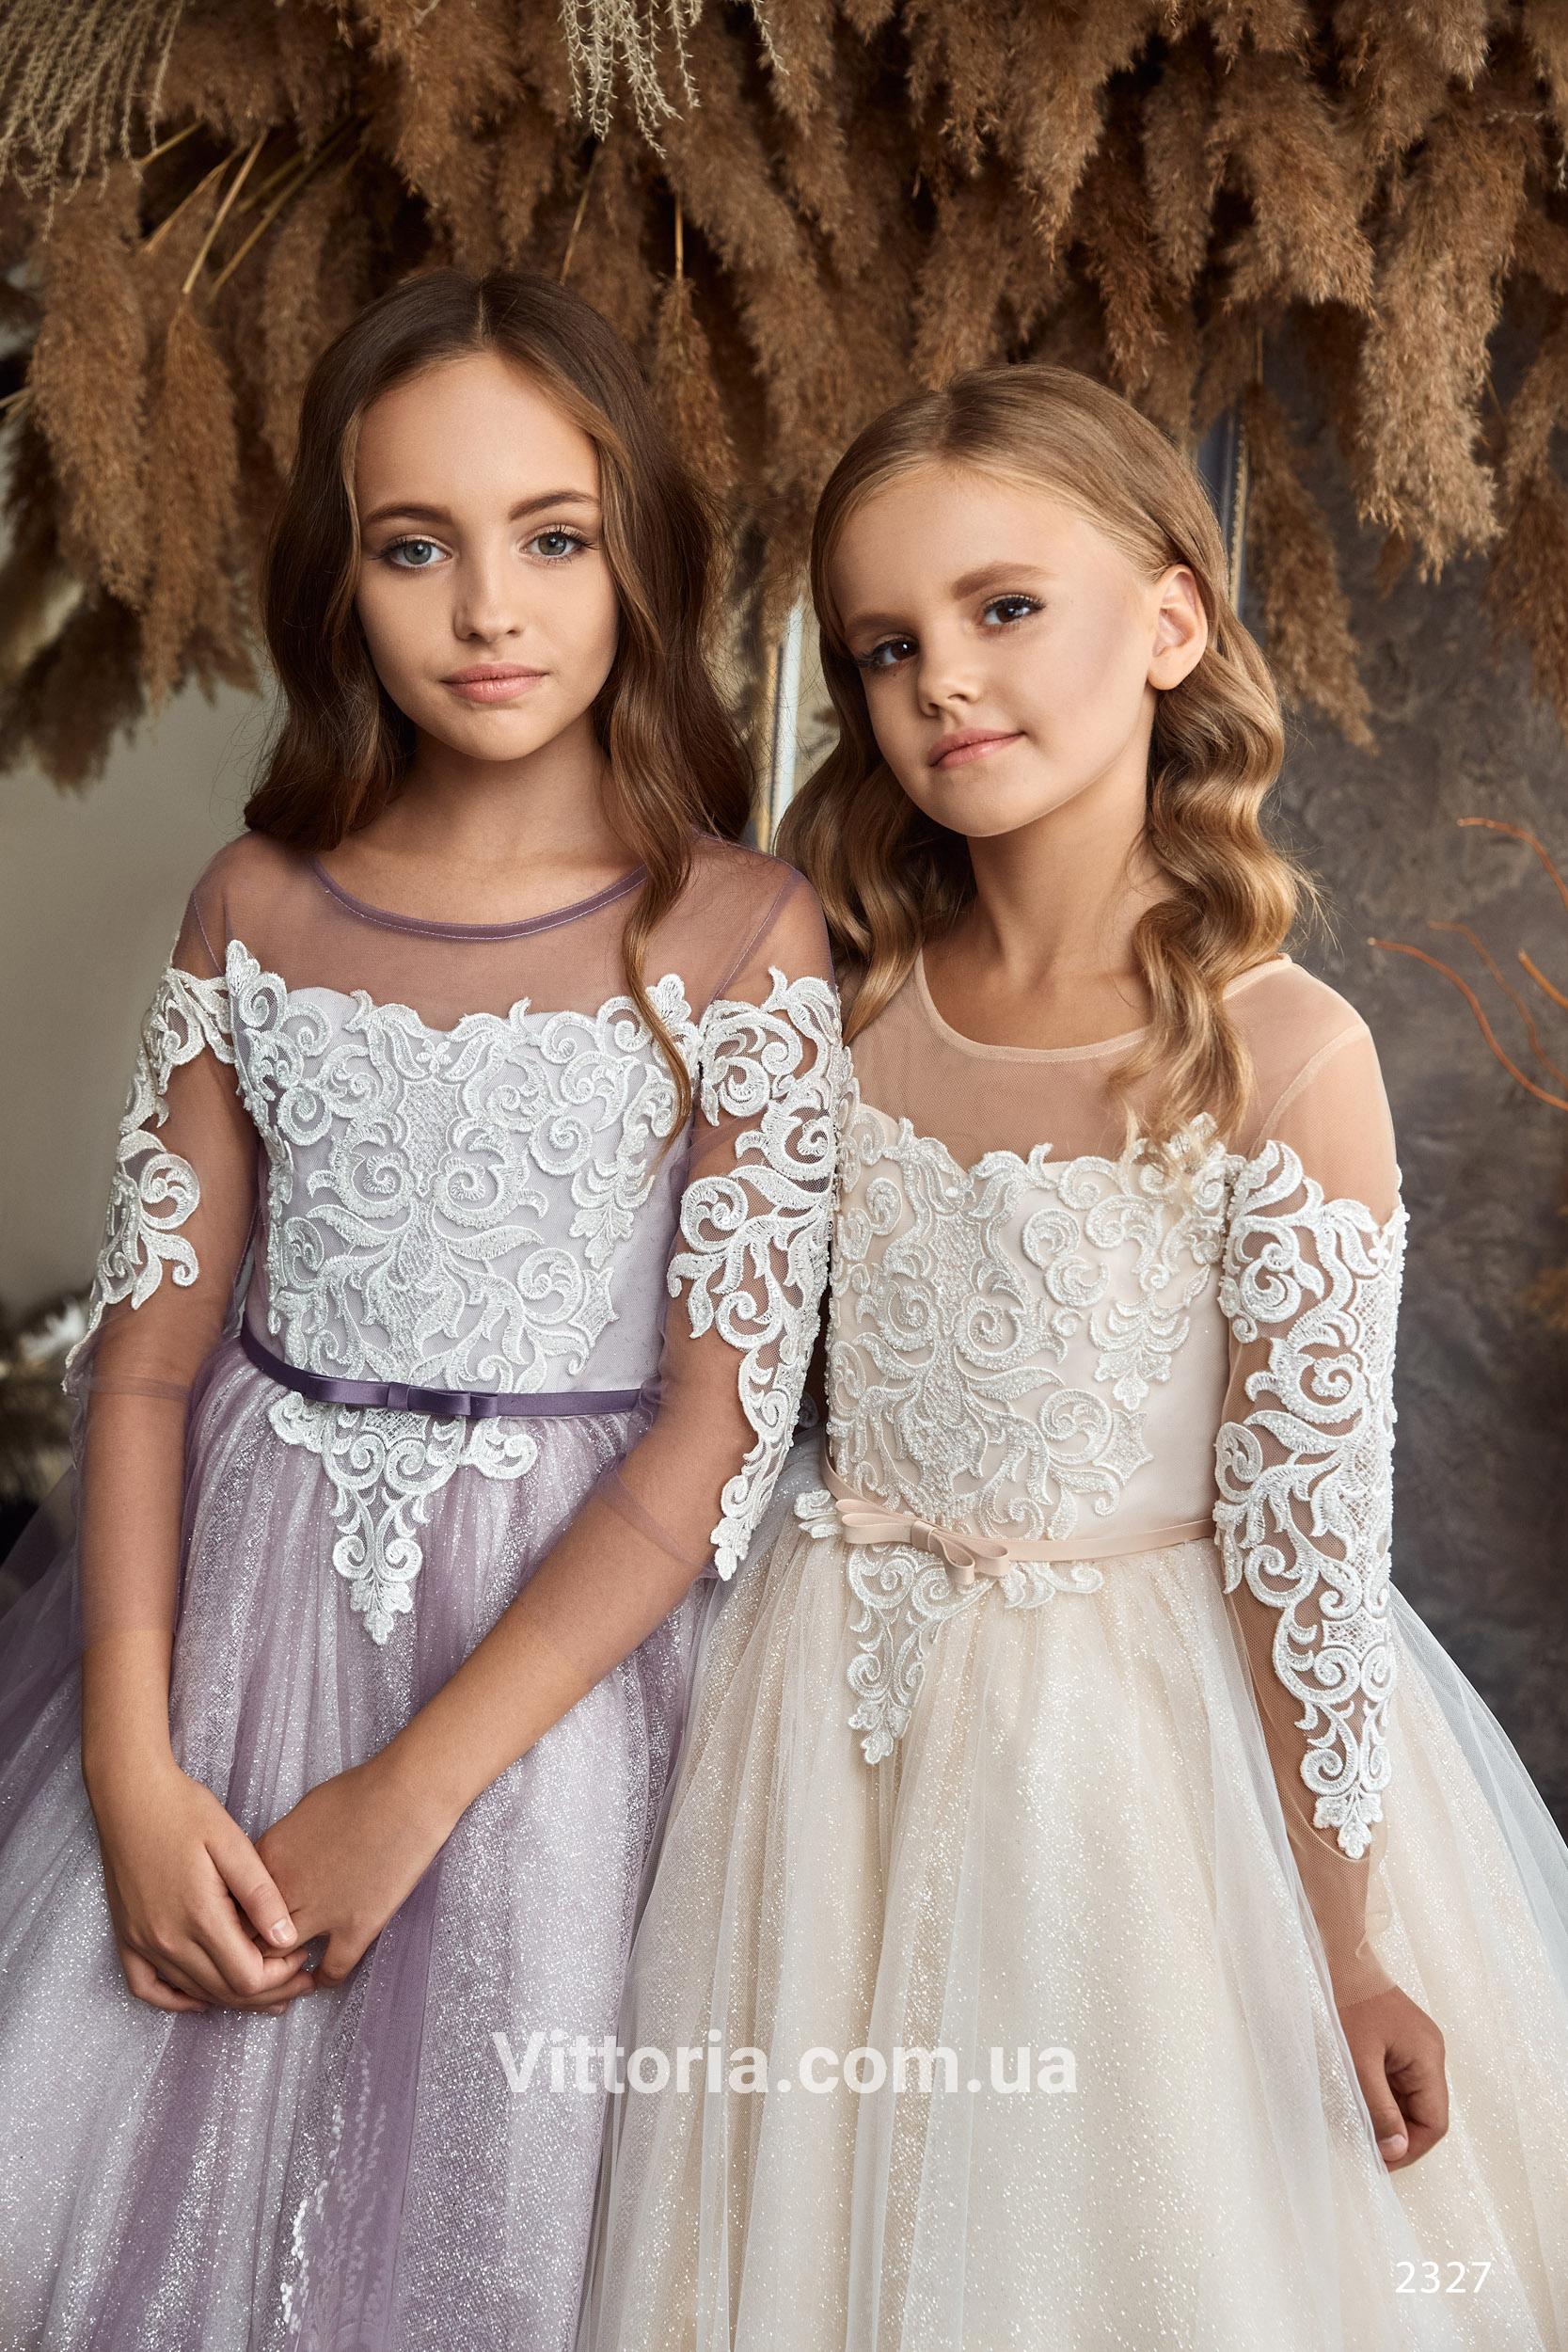 Детское платье 2327